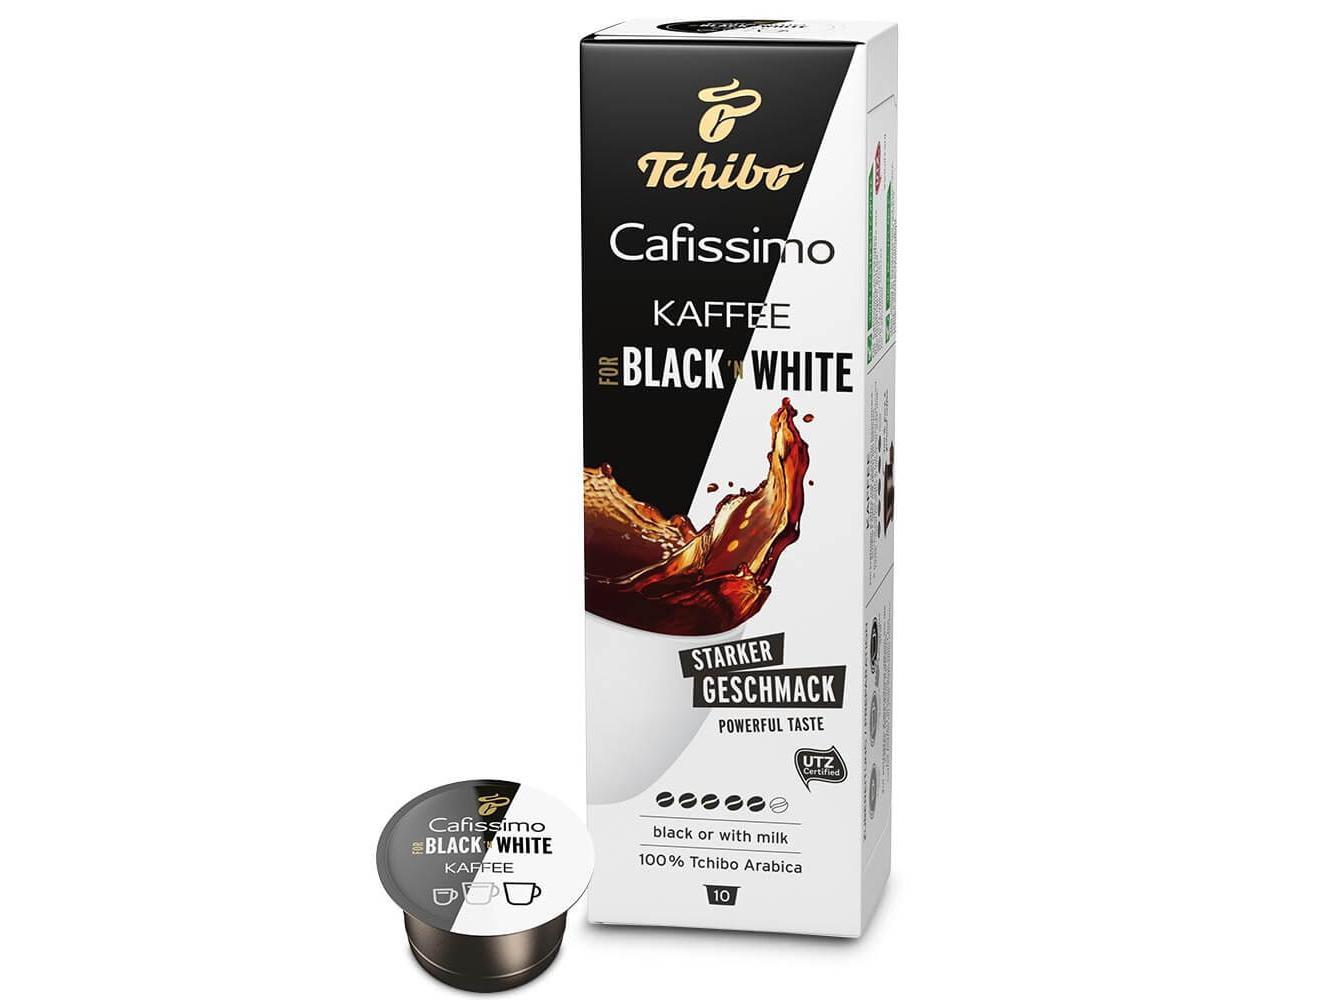 Tchibo Cafissimo Black & White